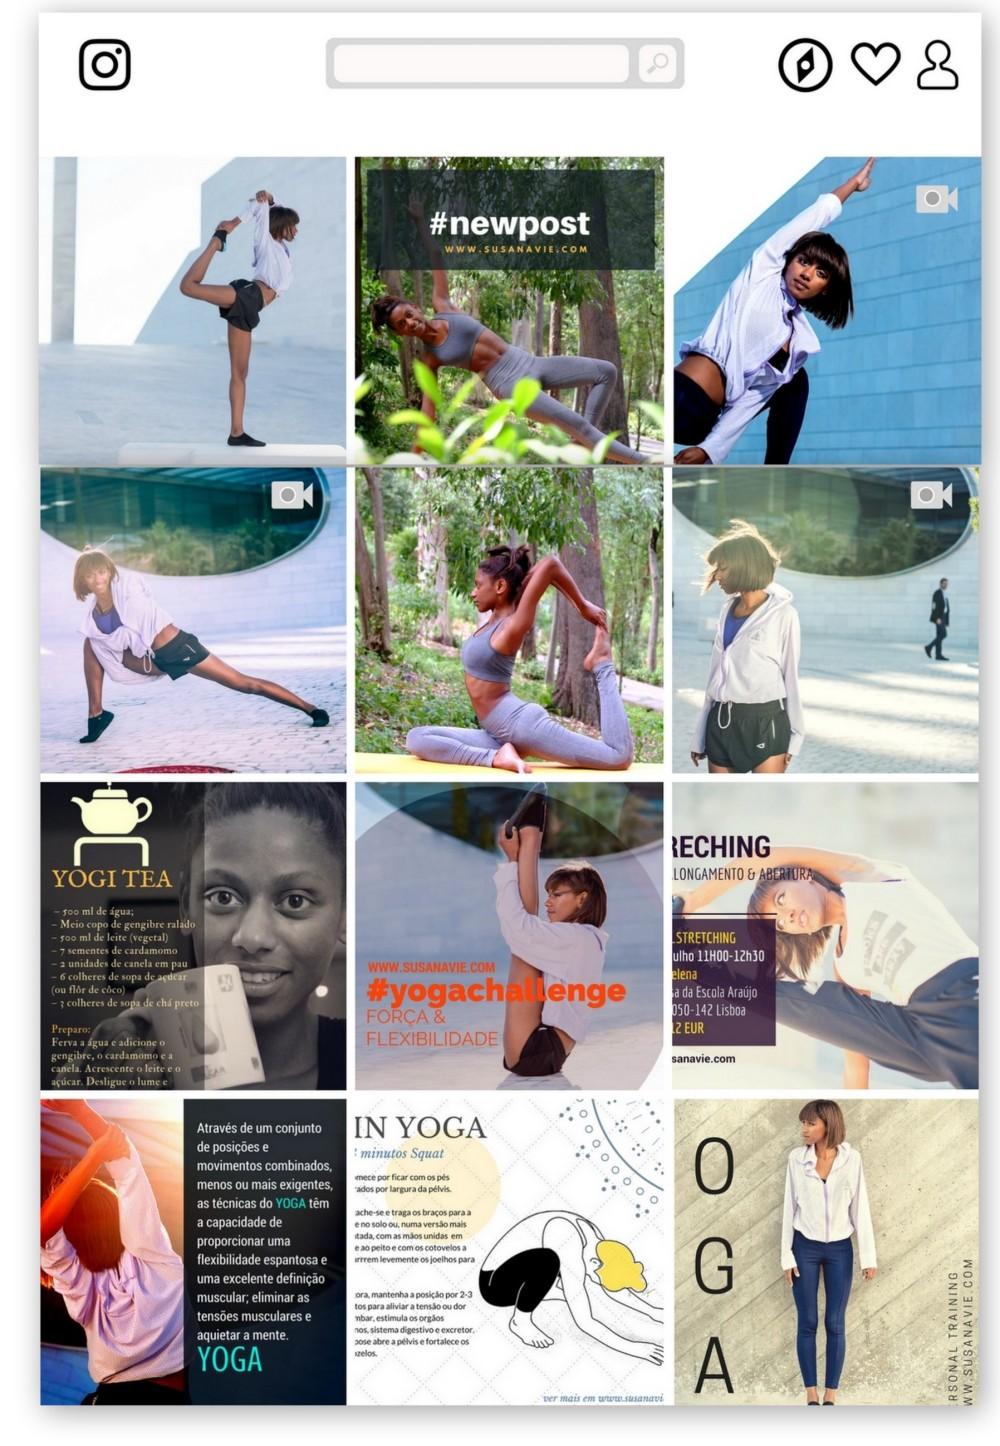 nit.pt, nit, lisboa, yoga, yoga ao domicílio, yoga em casa, domicilio, aulas privadas, aulas de yoga, instagram